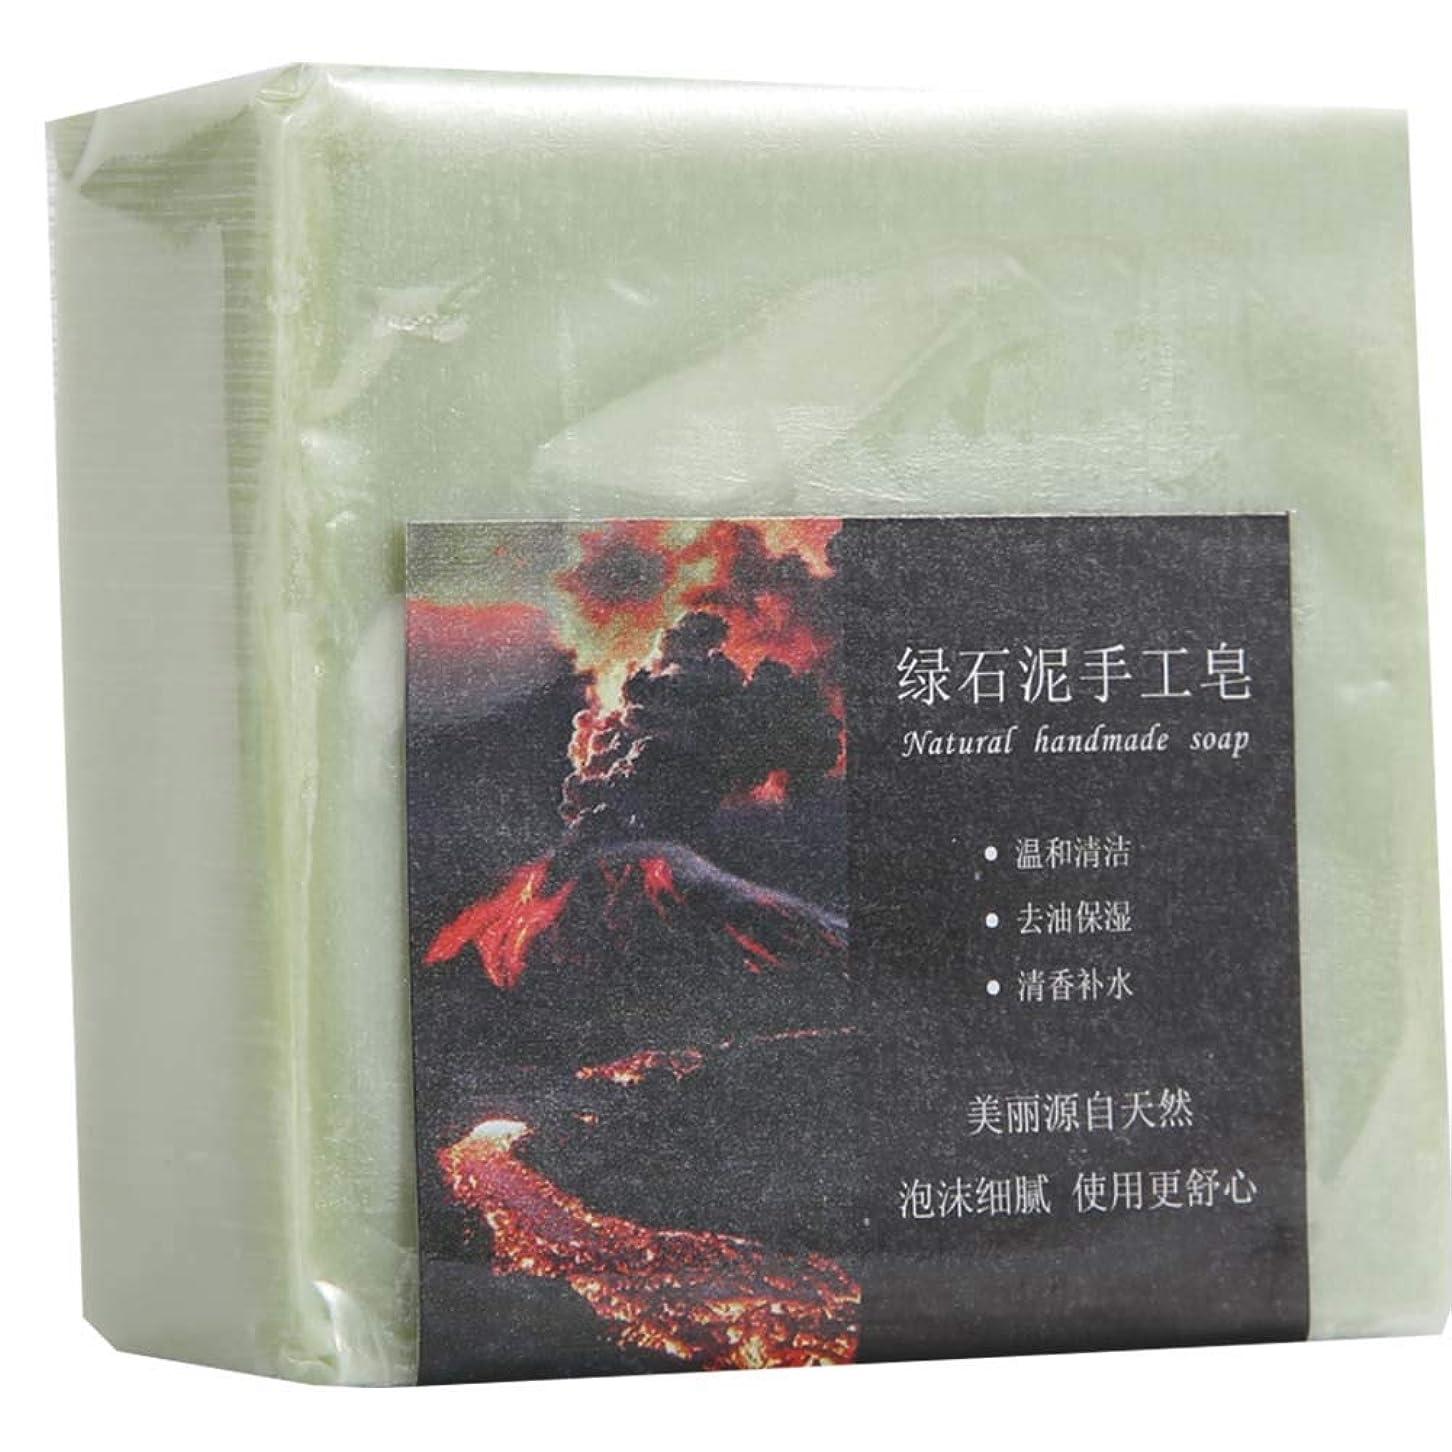 敏感な意識拡張ハンドメイドグリーンクレイソープ 優しい フェイシャルクリーニング 保湿フェイシャルケア バスエッセンシャルオイルソープ